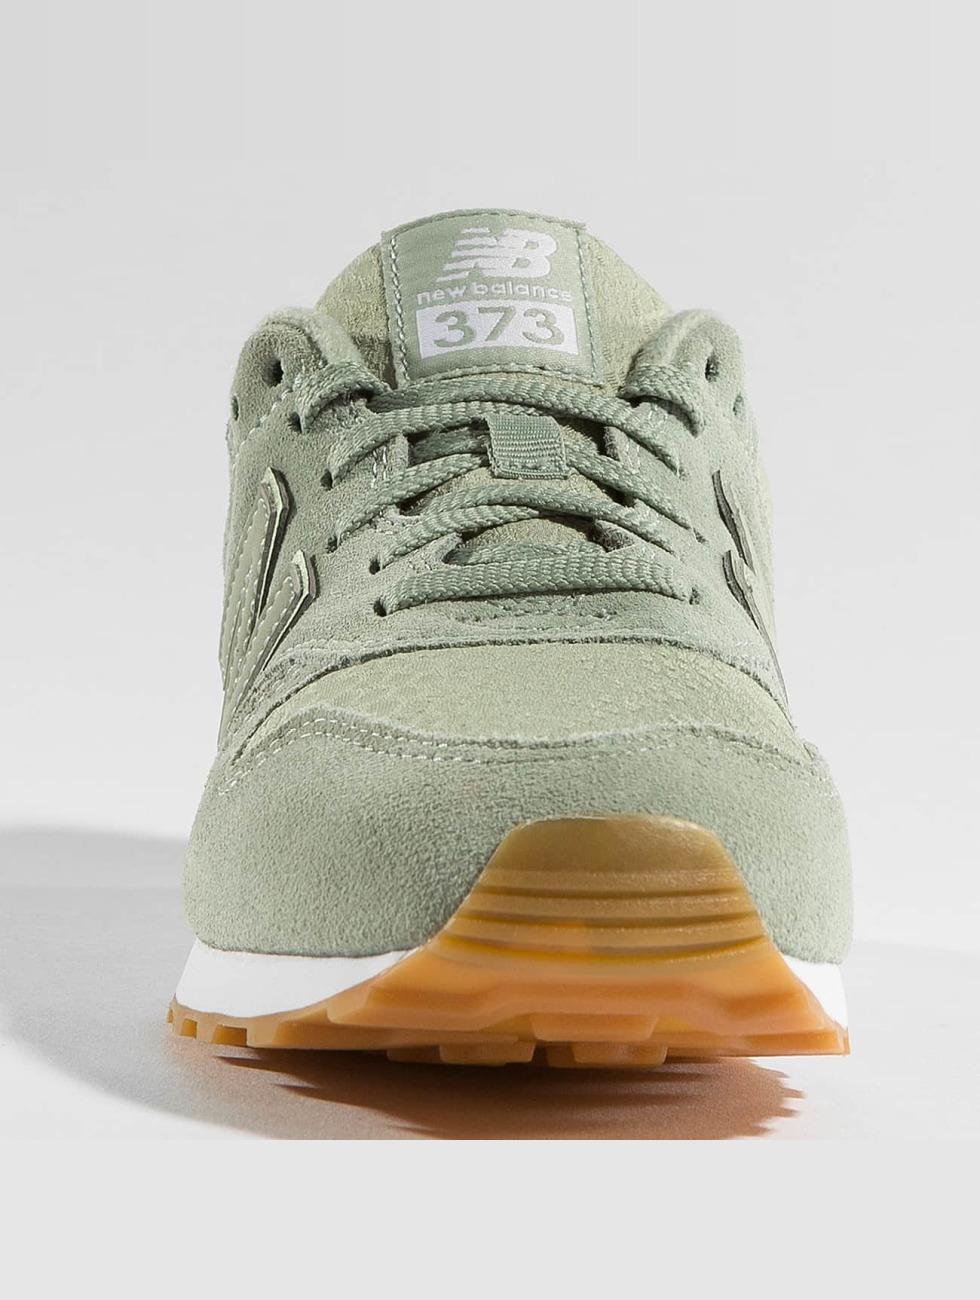 Nouvel Équilibre Schoen / Sneaker Wl373 B Miw Dans Groen 421466 Le Moins Cher Prix Pas Cher Sortie Rabais Prix Pas Cher Abordable Livraison Rapide yOGNP